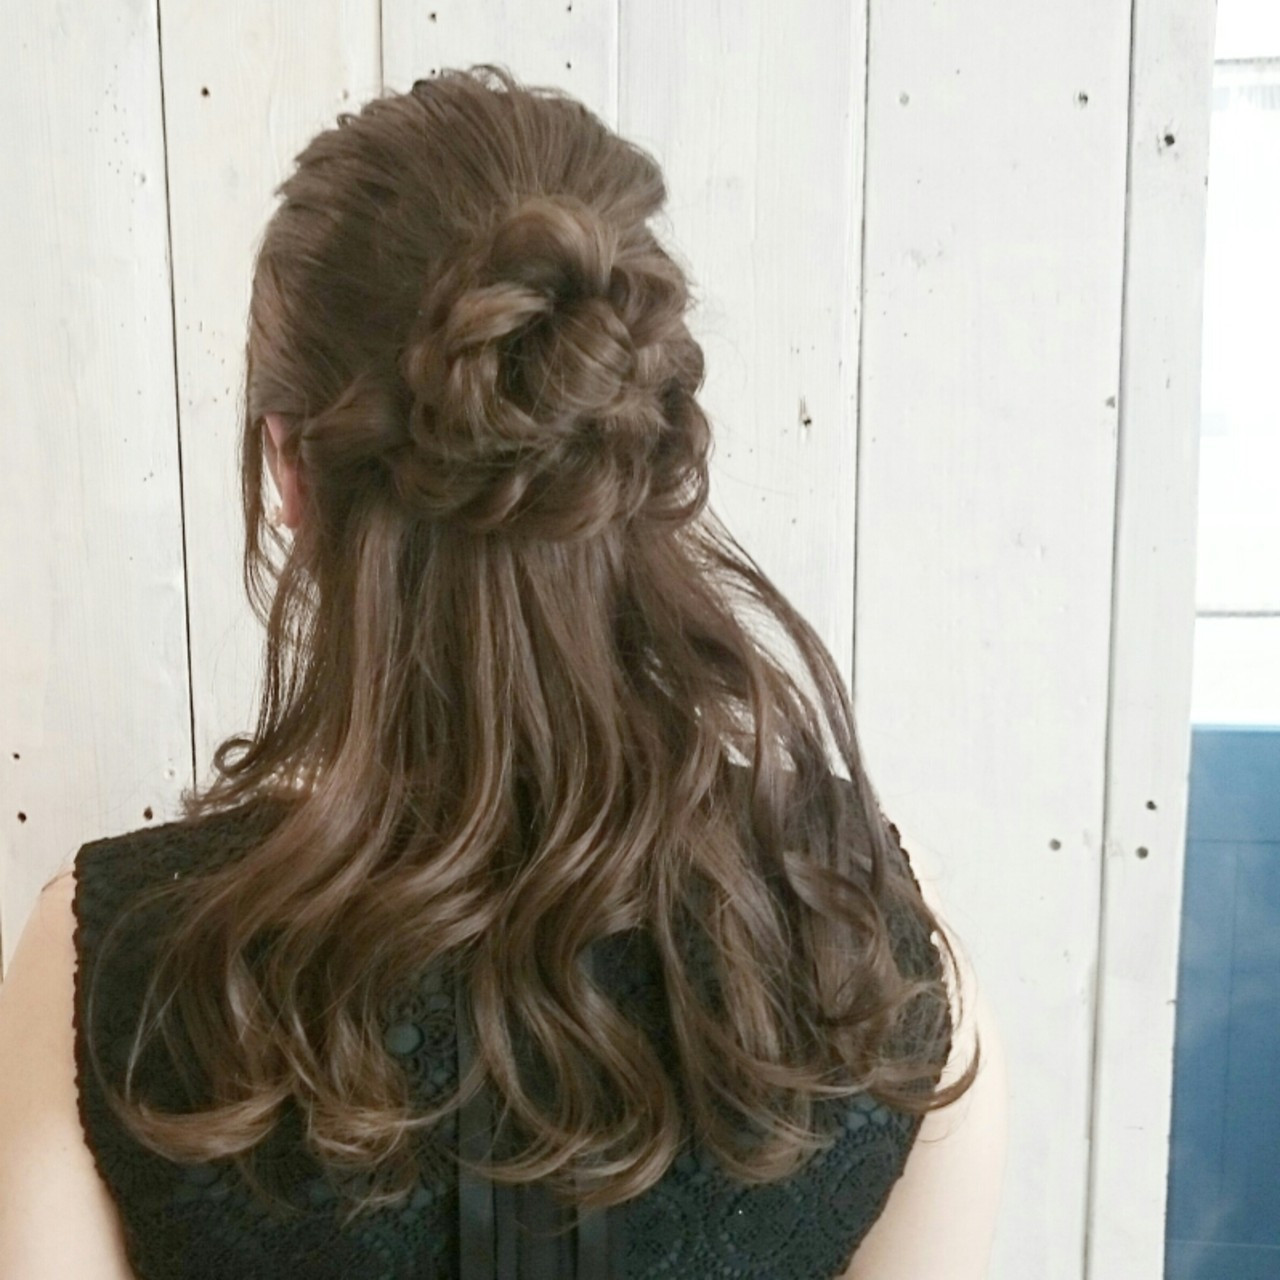 結婚式 ヘアアレンジ 三つ編み ガーリー ヘアスタイルや髪型の写真・画像